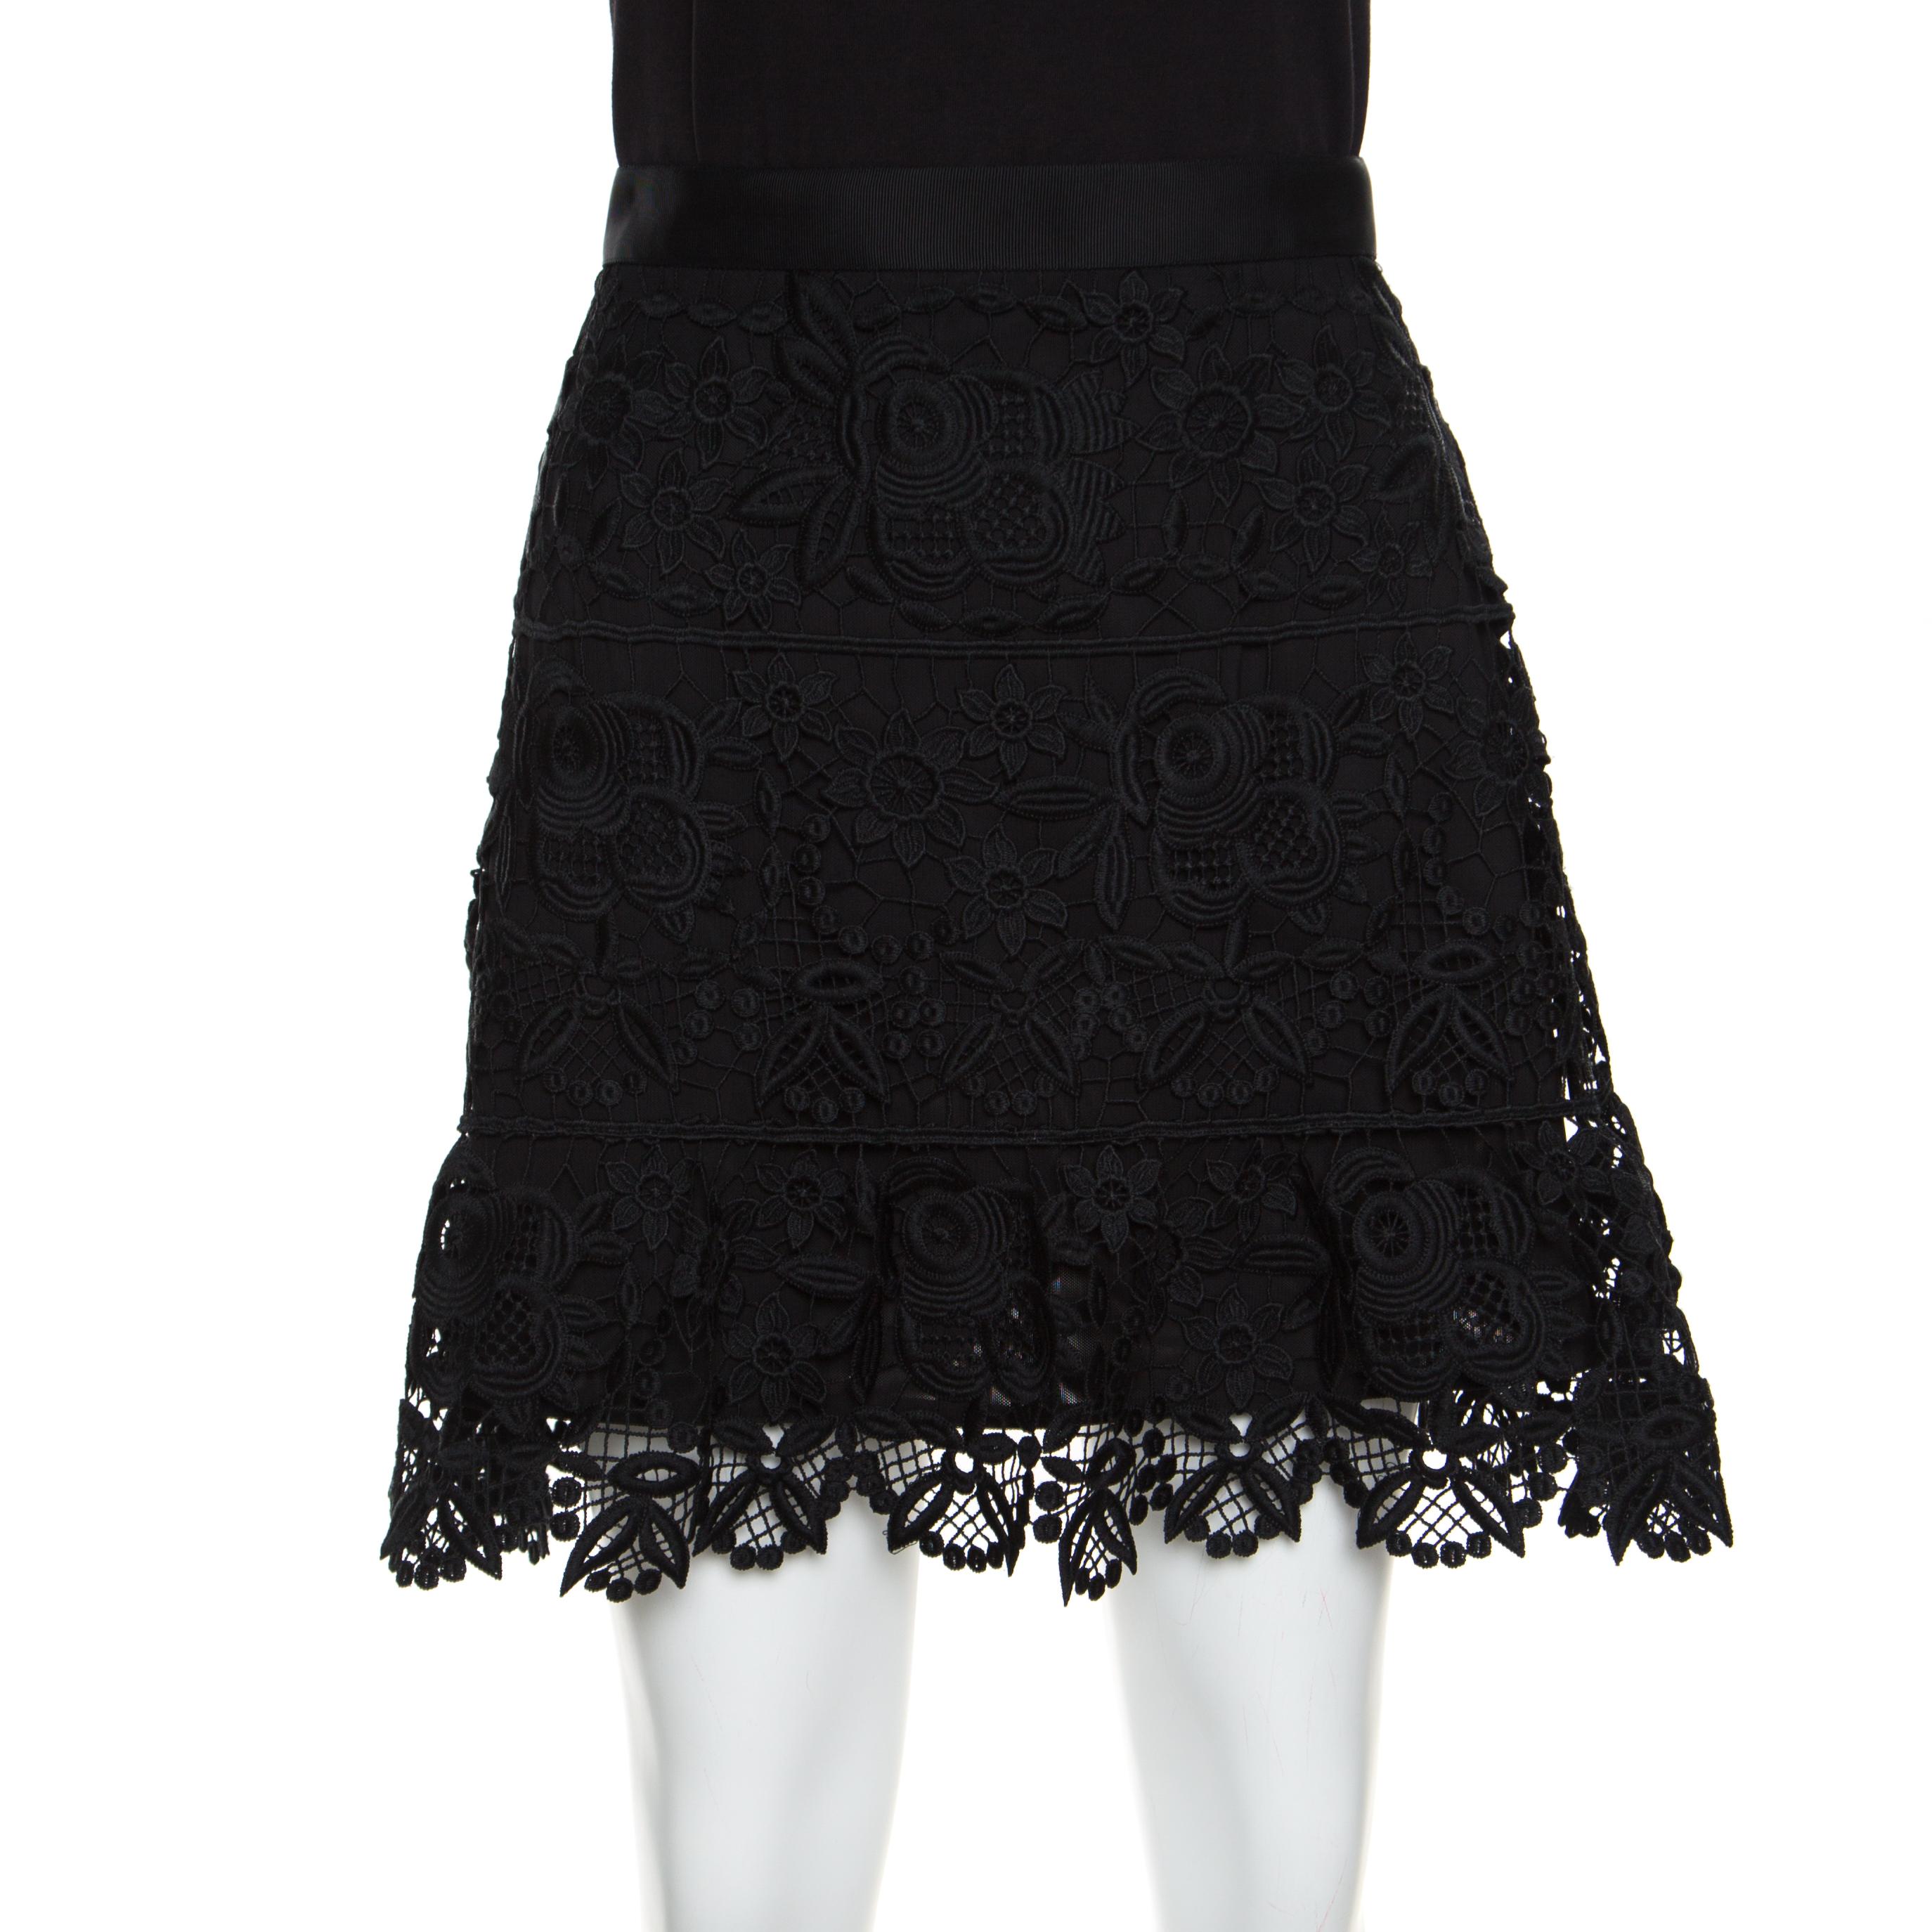 822c00c1d ... Self Portrait Black Floral Guipure Lace Peplum Mini Skirt M. nextprev.  prevnext